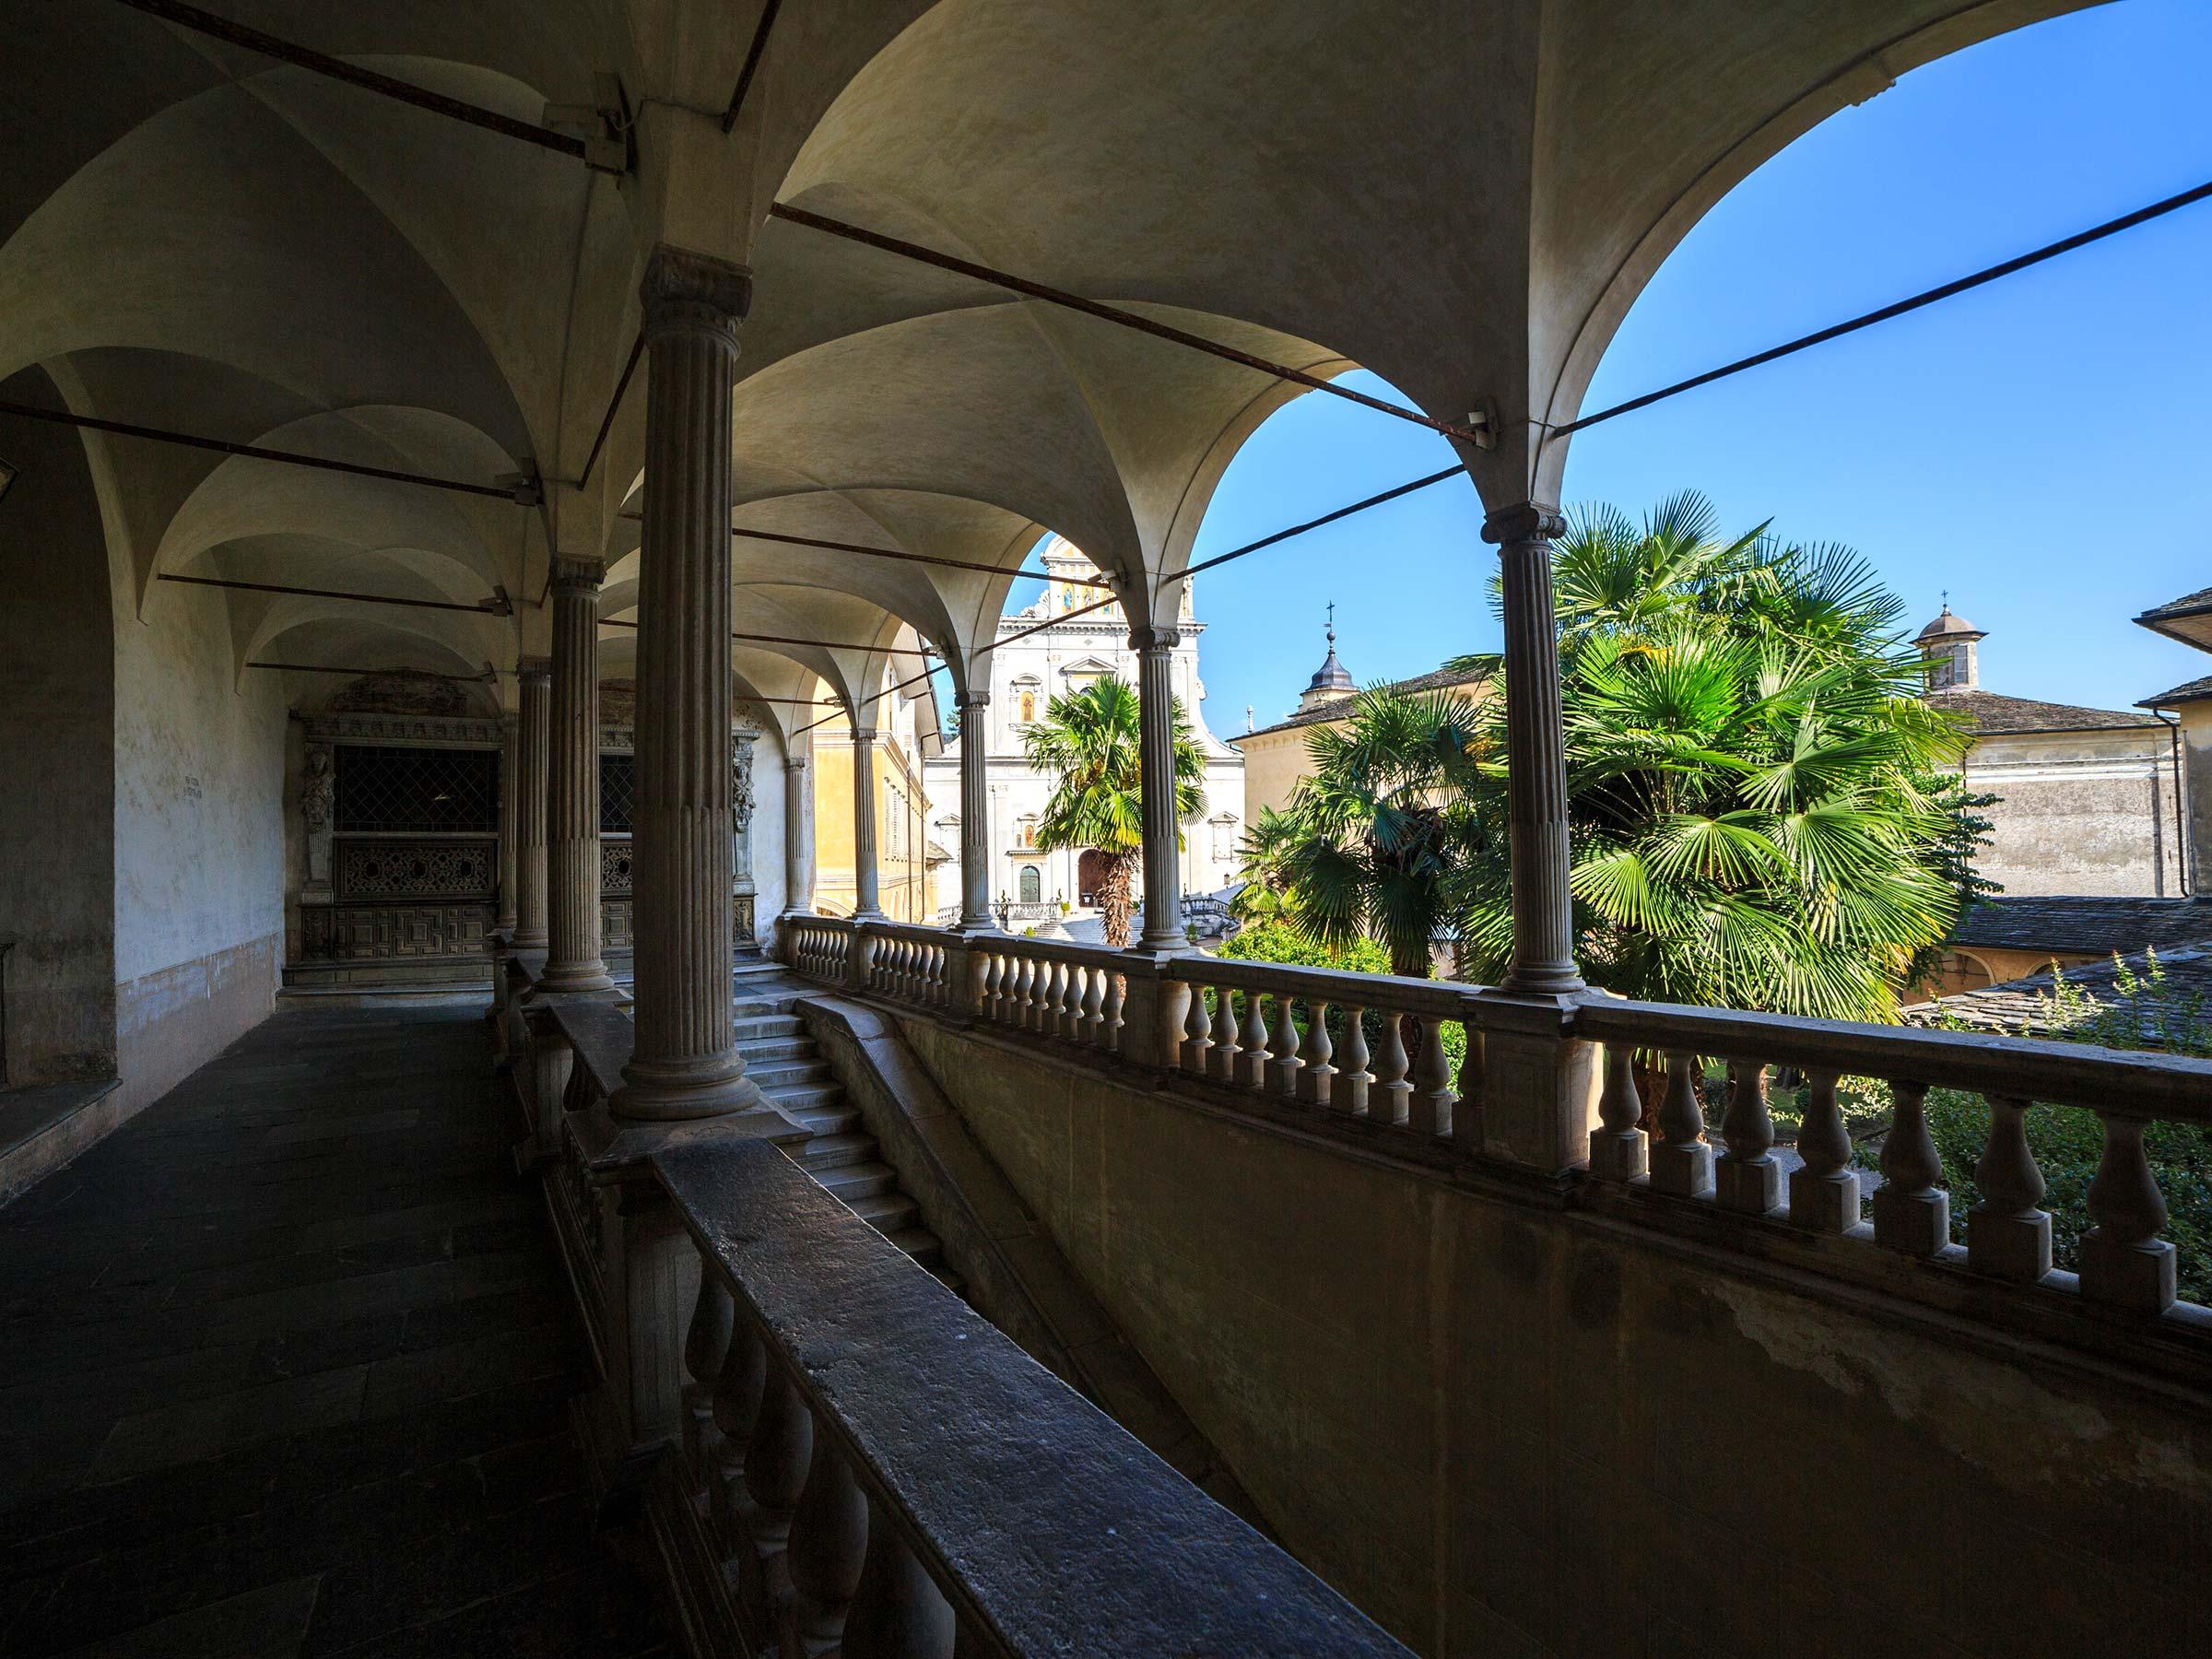 Sacro Monte di Varallo palazzo di pilato